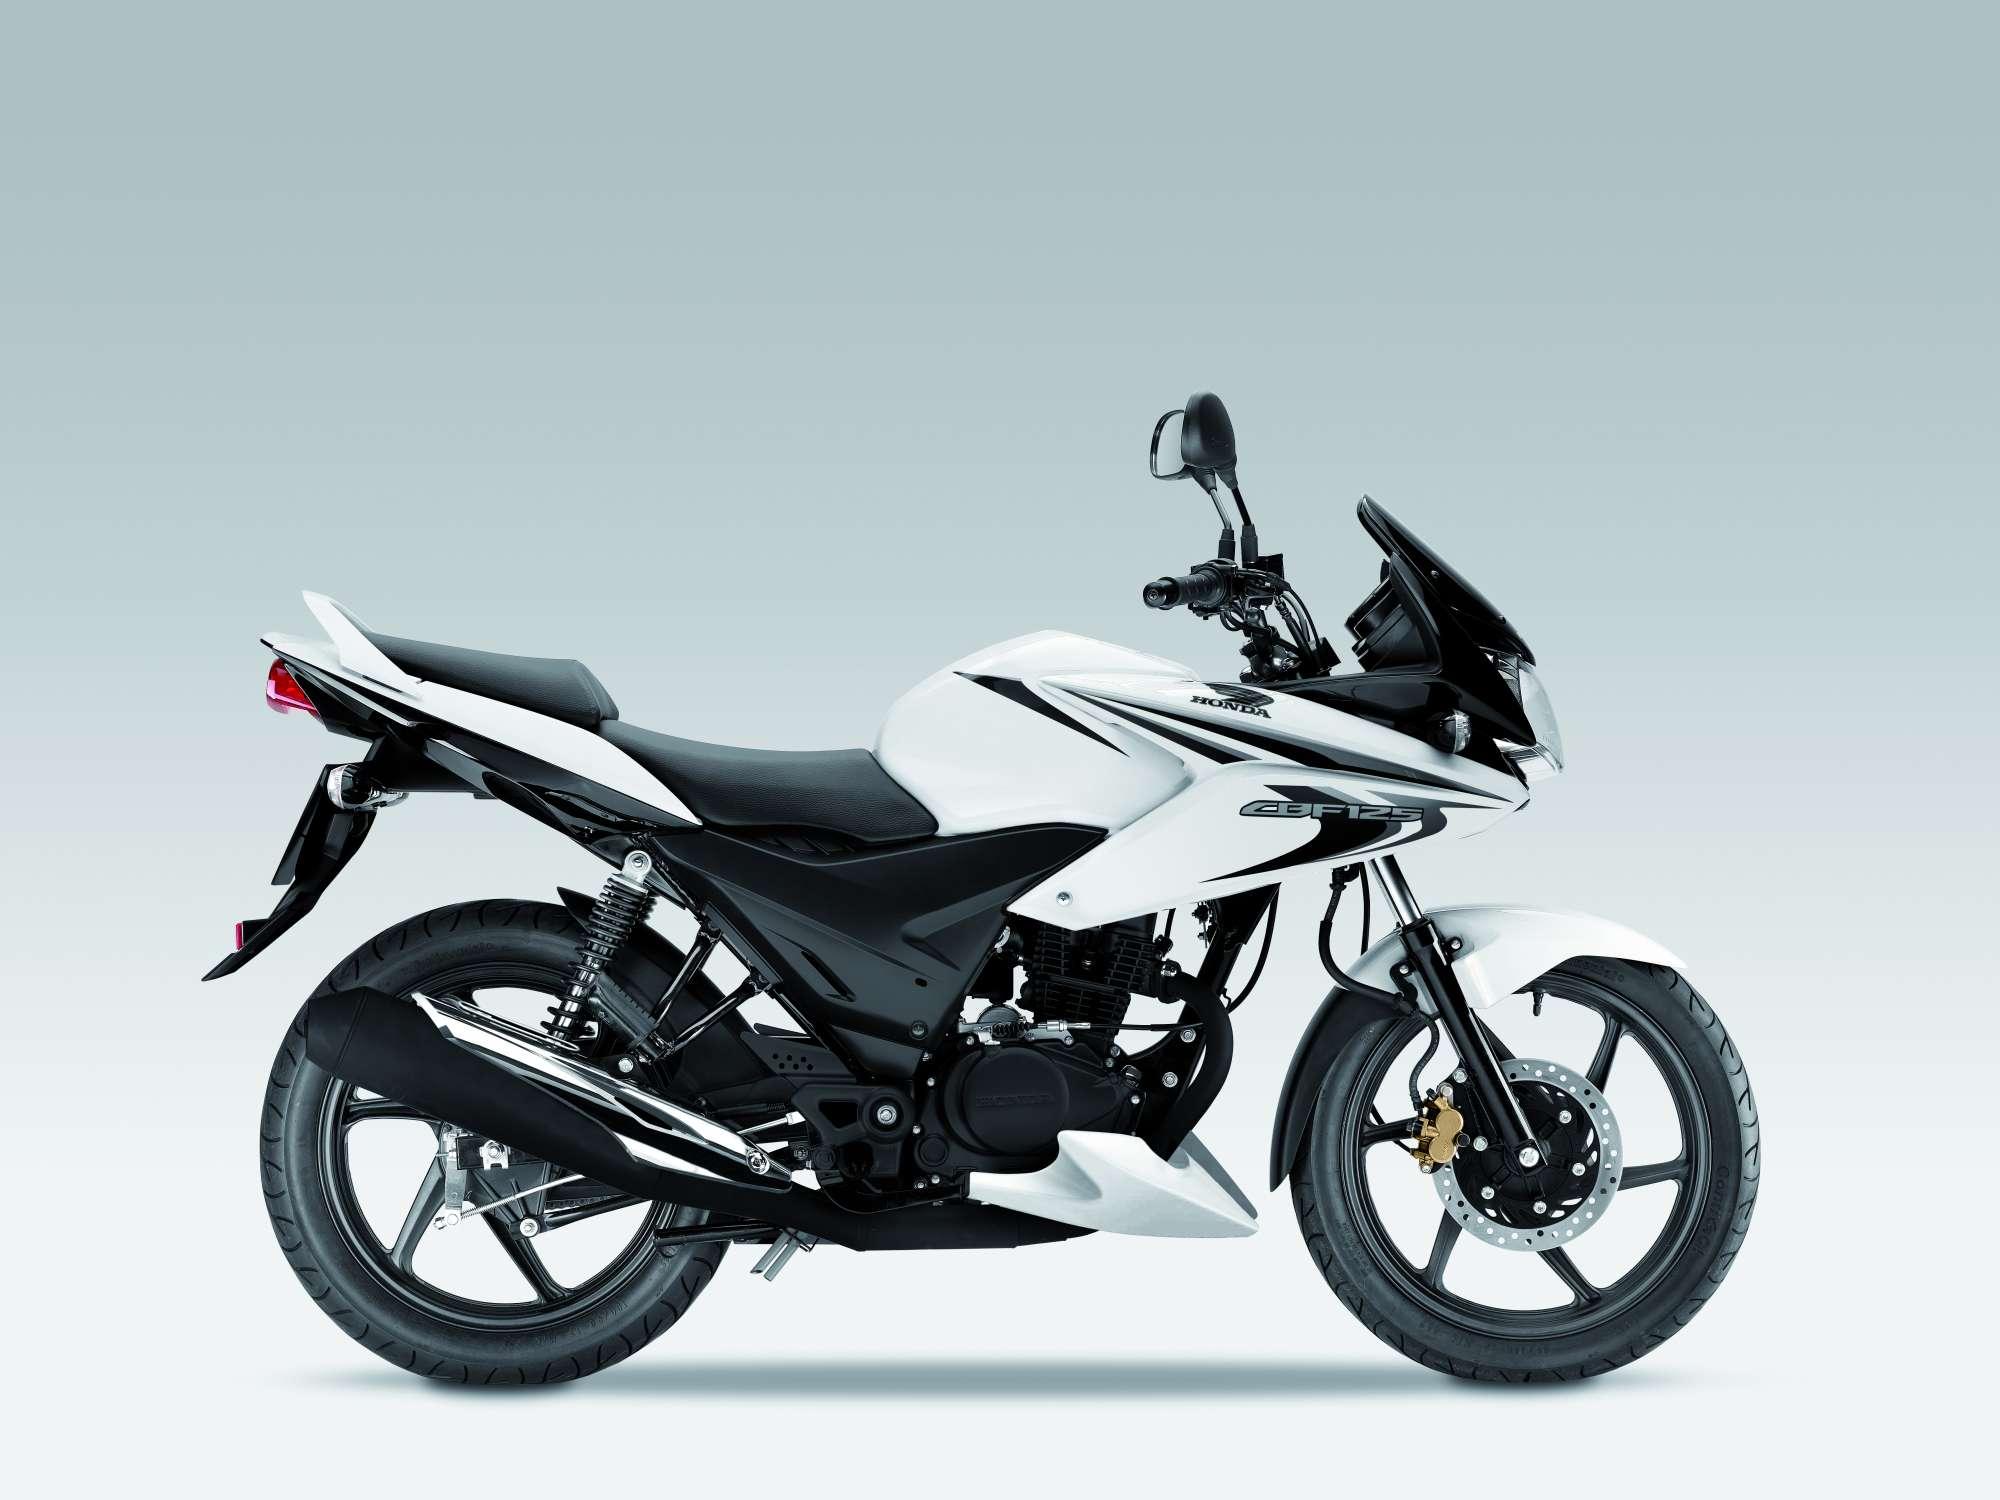 Honda Rebel 450 >> Gebrauchte und neue Honda CBF 125 Motorräder kaufen